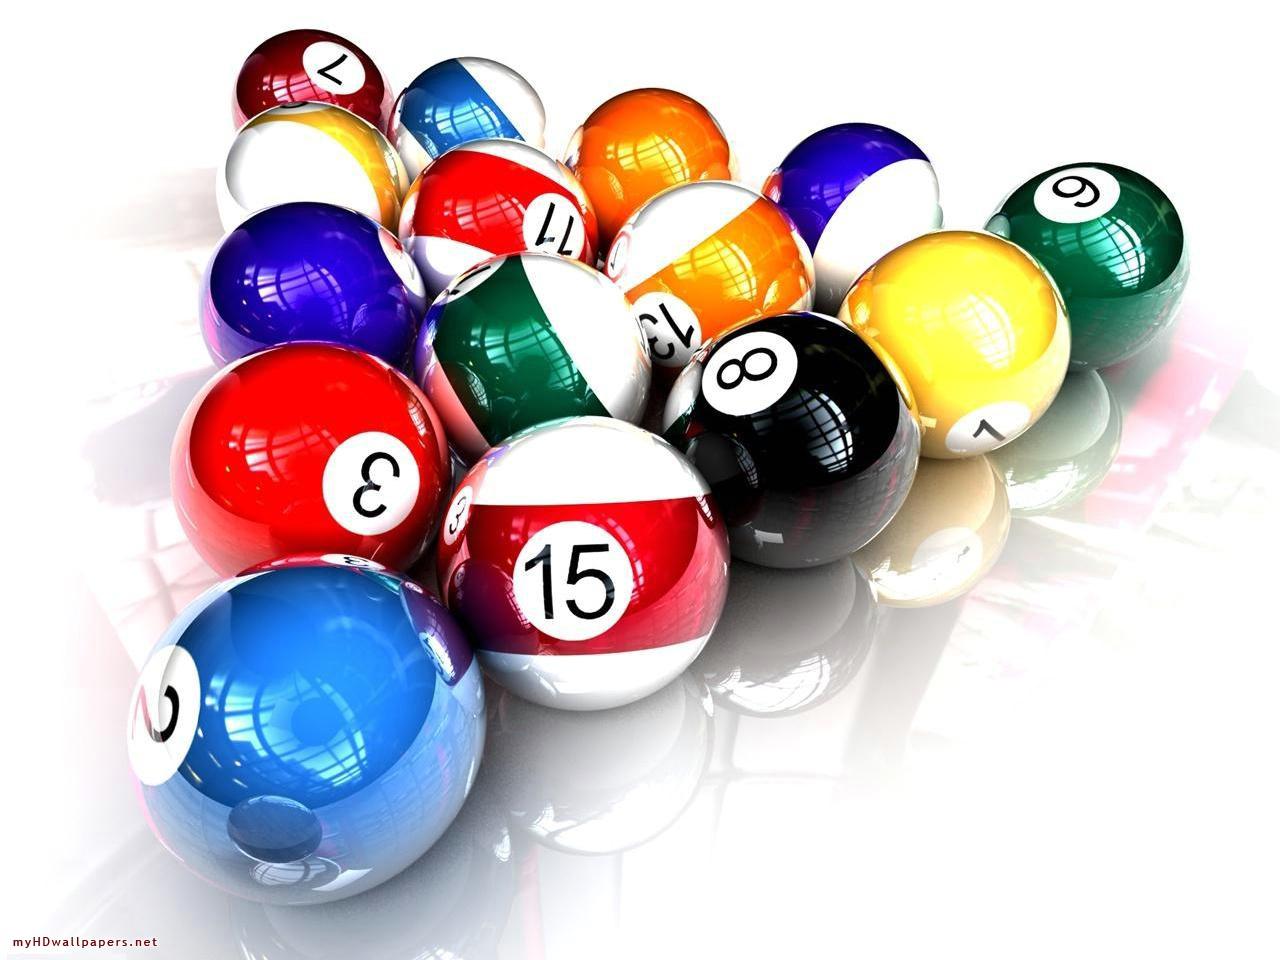 3d billiard balls | clipart panda - free clipart images